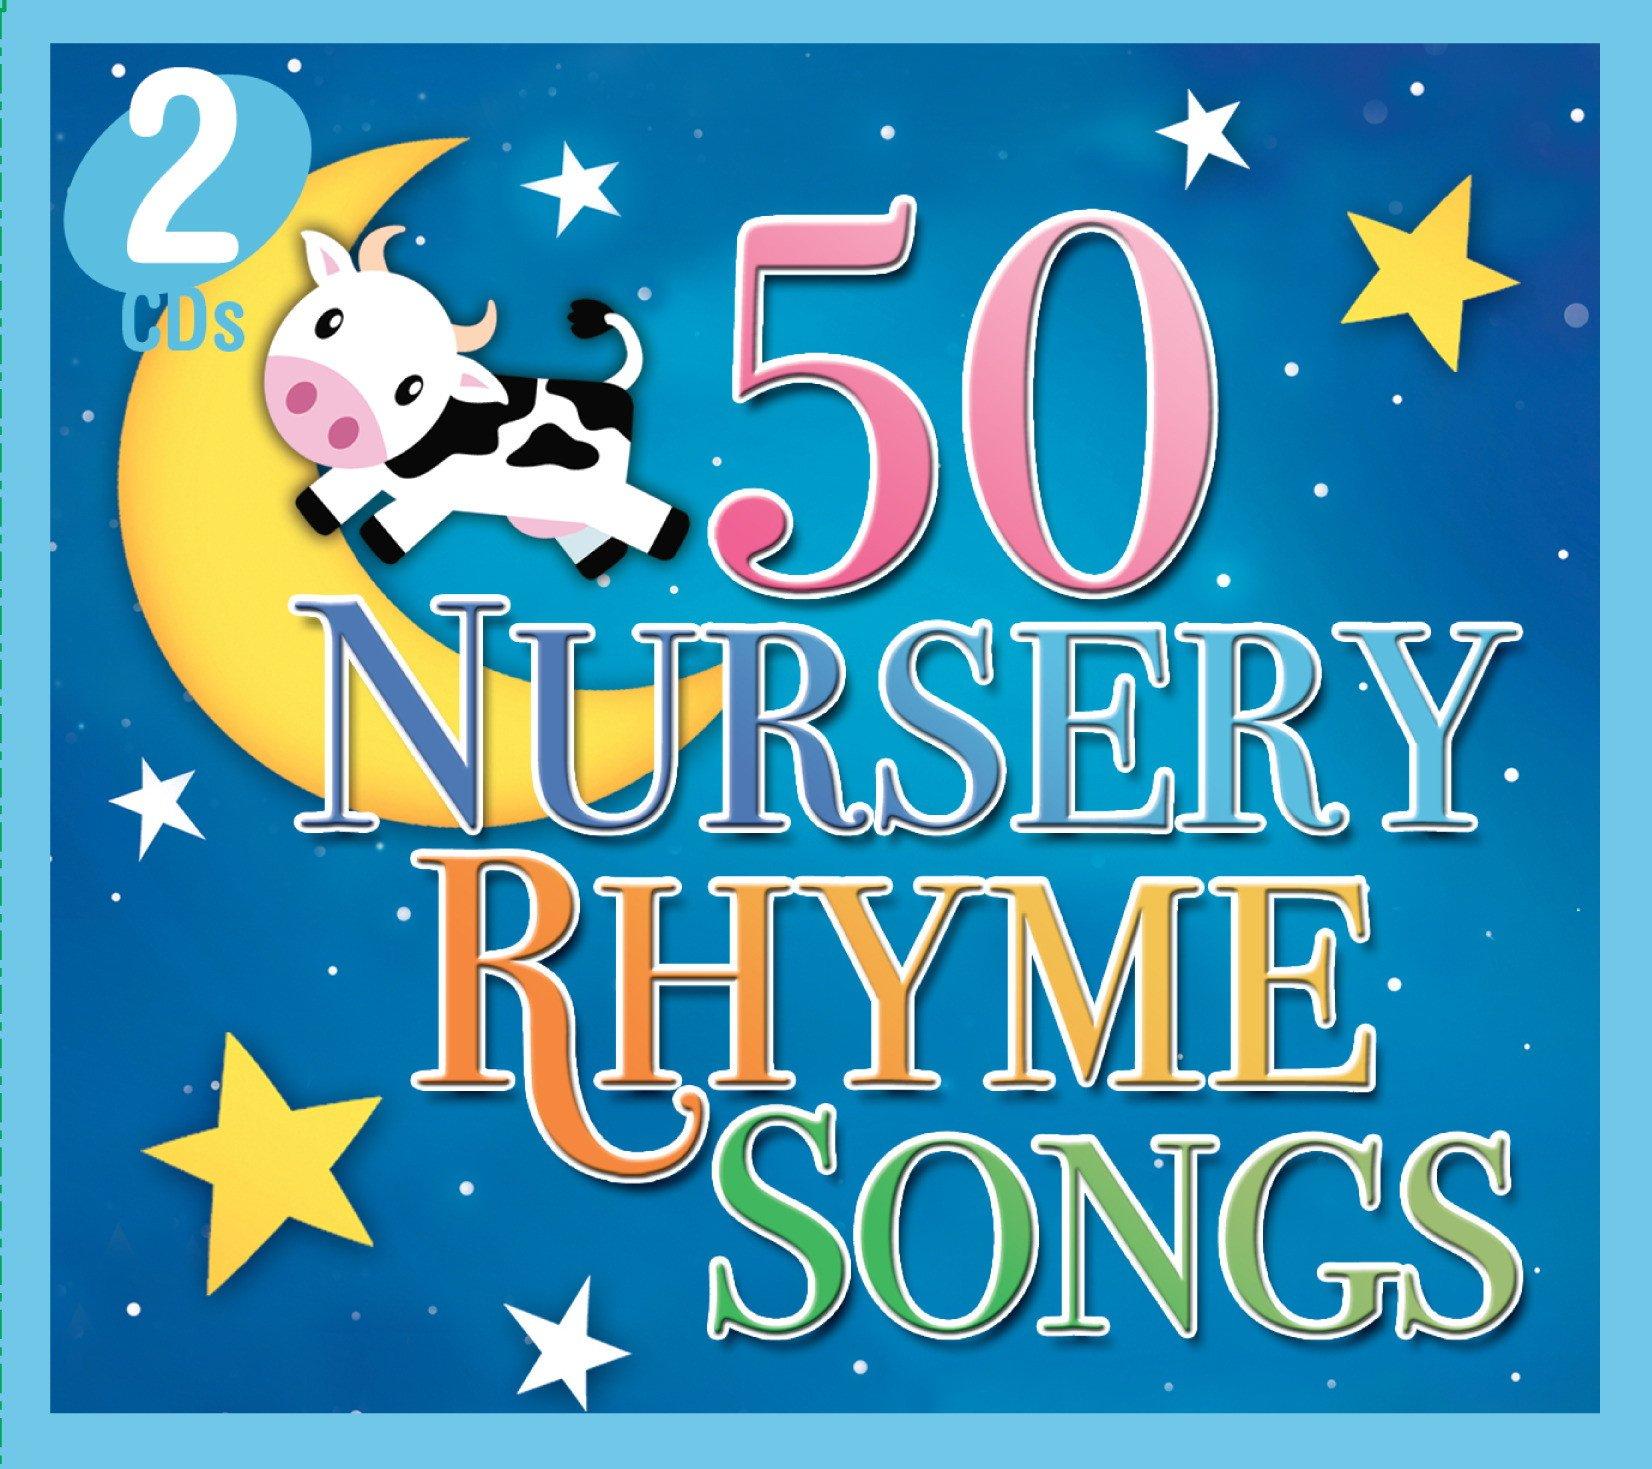 50 Nursery Rhyme Songs by Sonoma